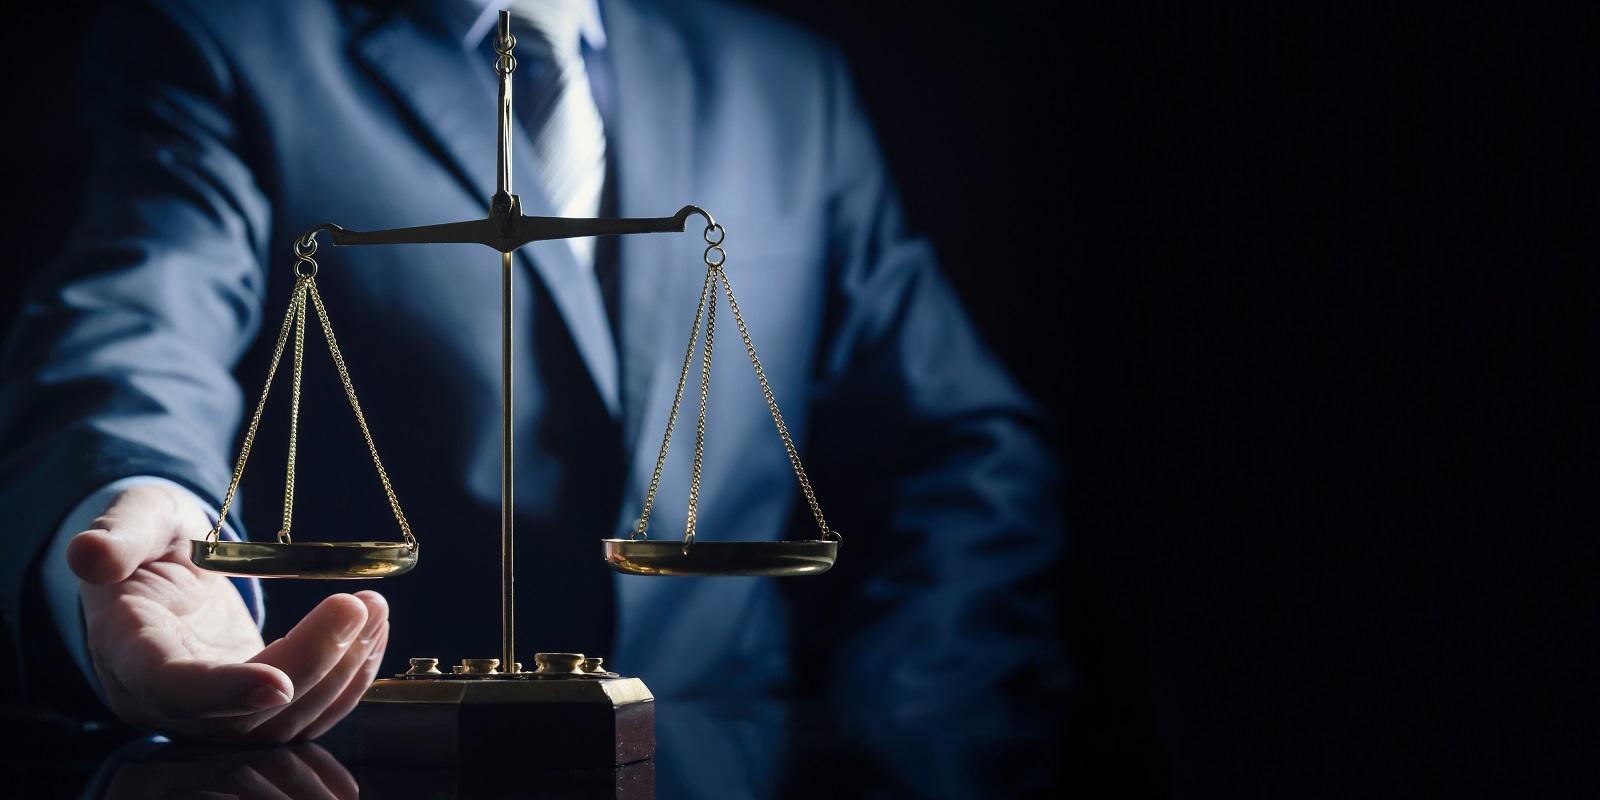 Penting! 5 Putusan Pengadilan yang Memuat Dalil Corrective Justice